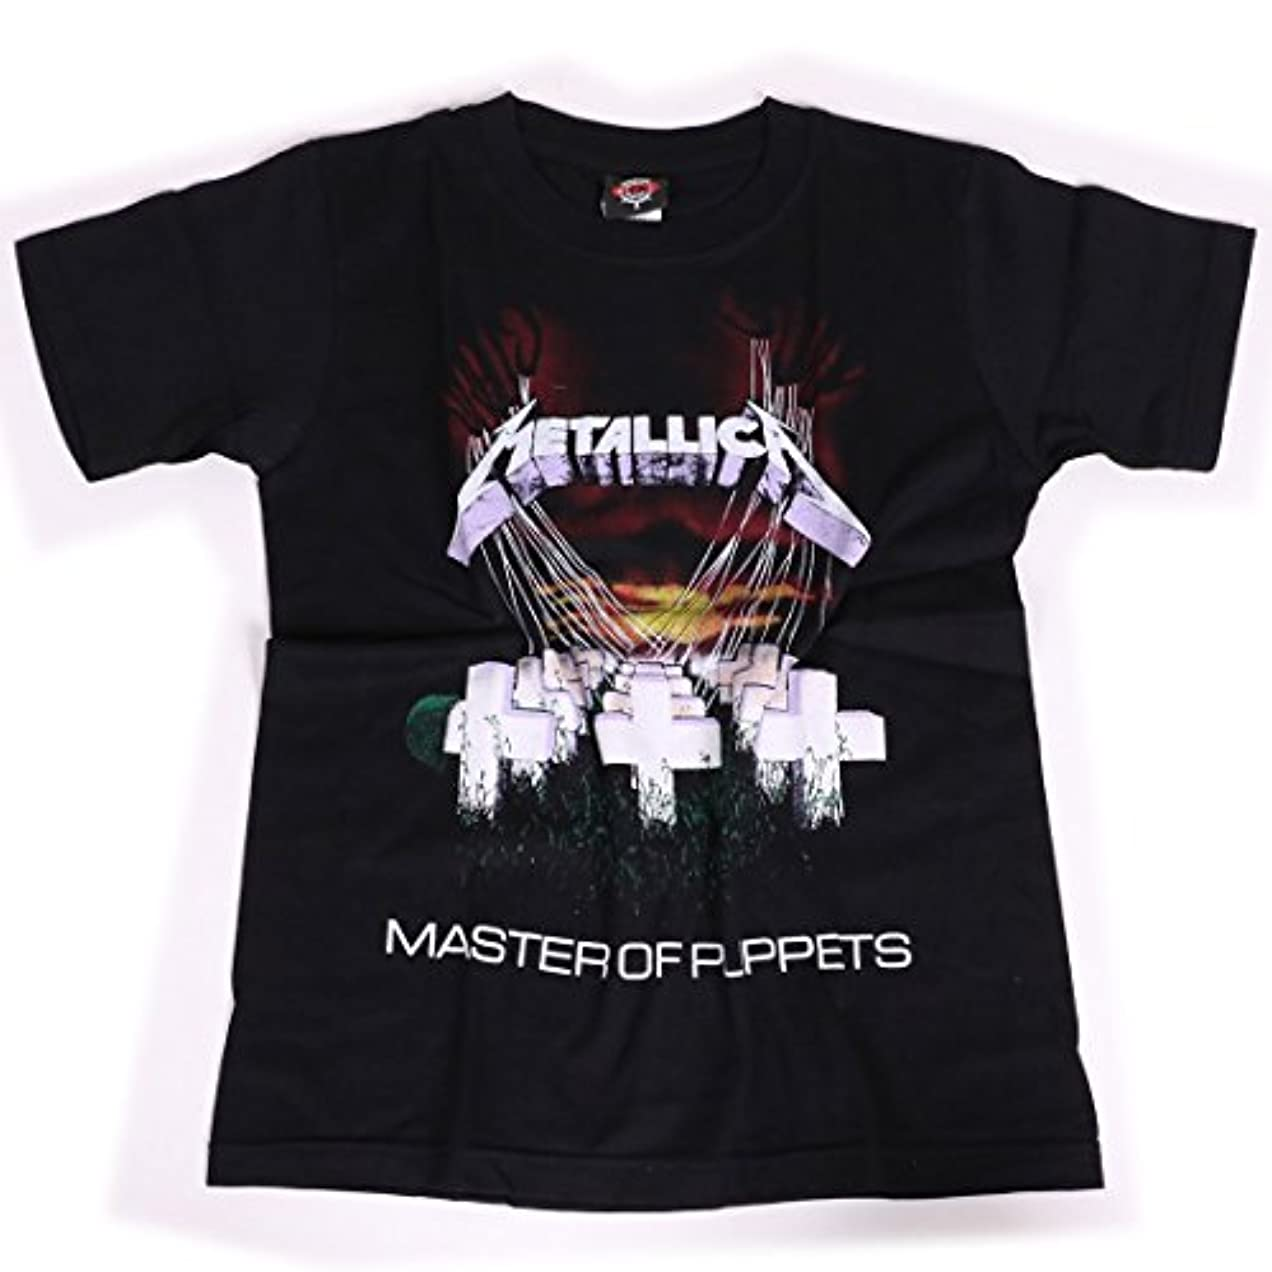 復活させるうつ楽しませる海外製品 メタリカ METALLICA バンド プリント ロゴ 半袖 tシャツ XS S M L [T734]メンズ レディース ロックT